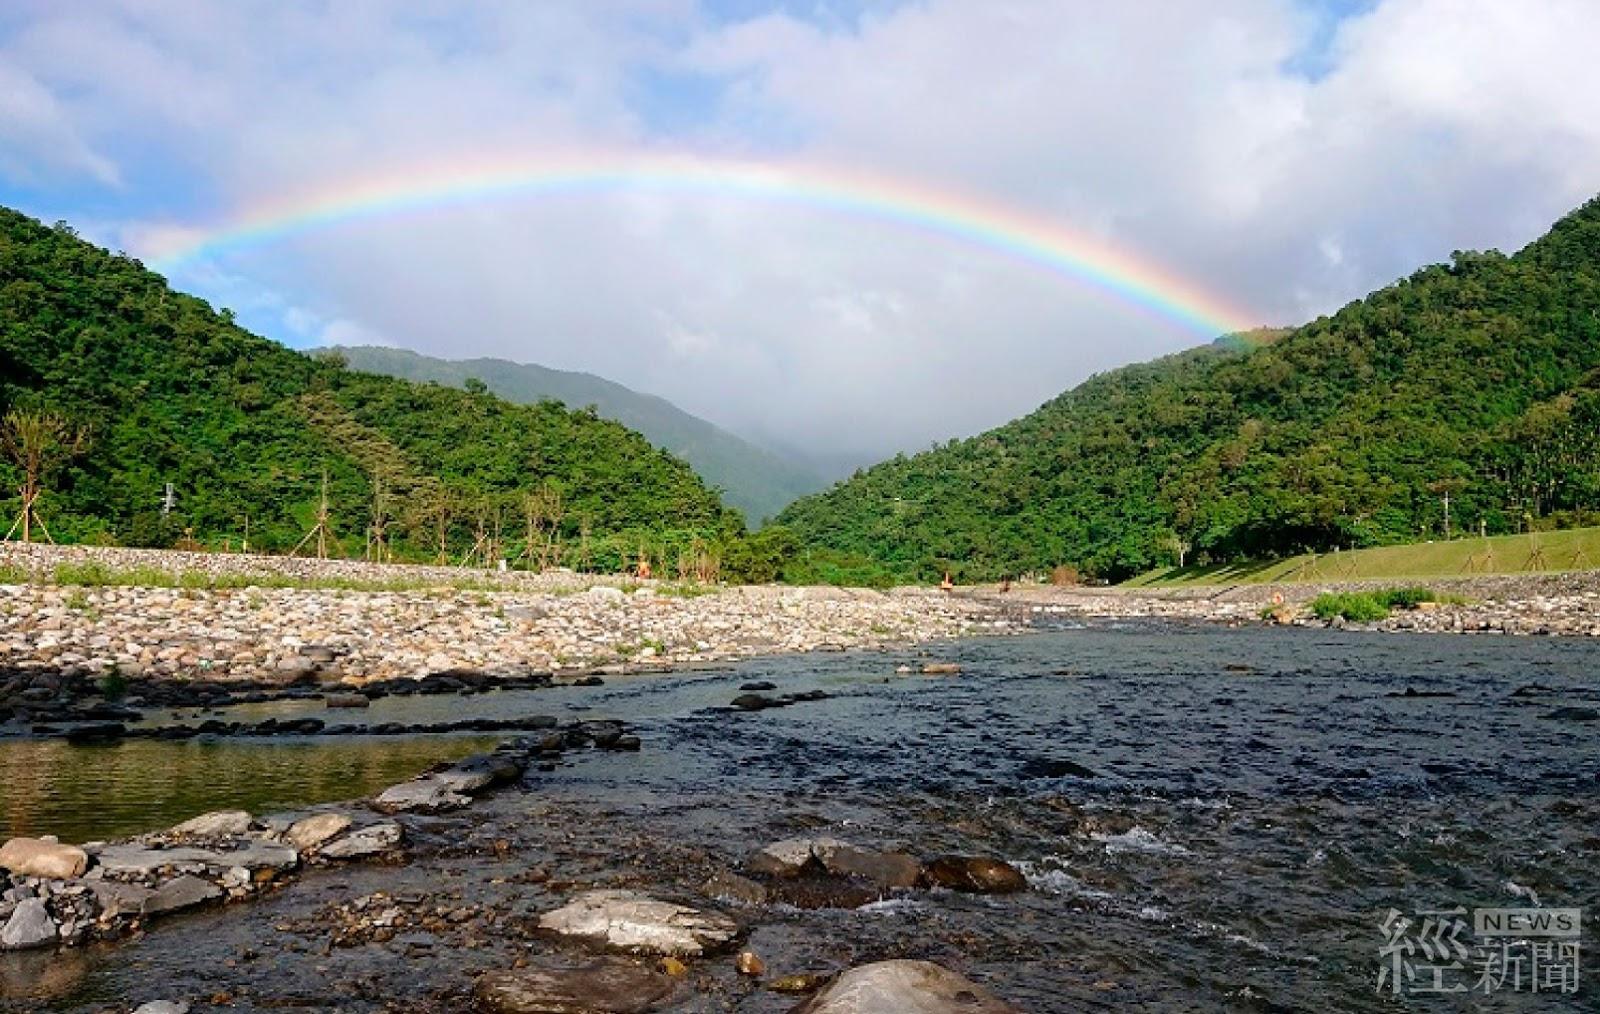 體恤農民 經濟部:中央管河川內種植及養殖免徵一年規費